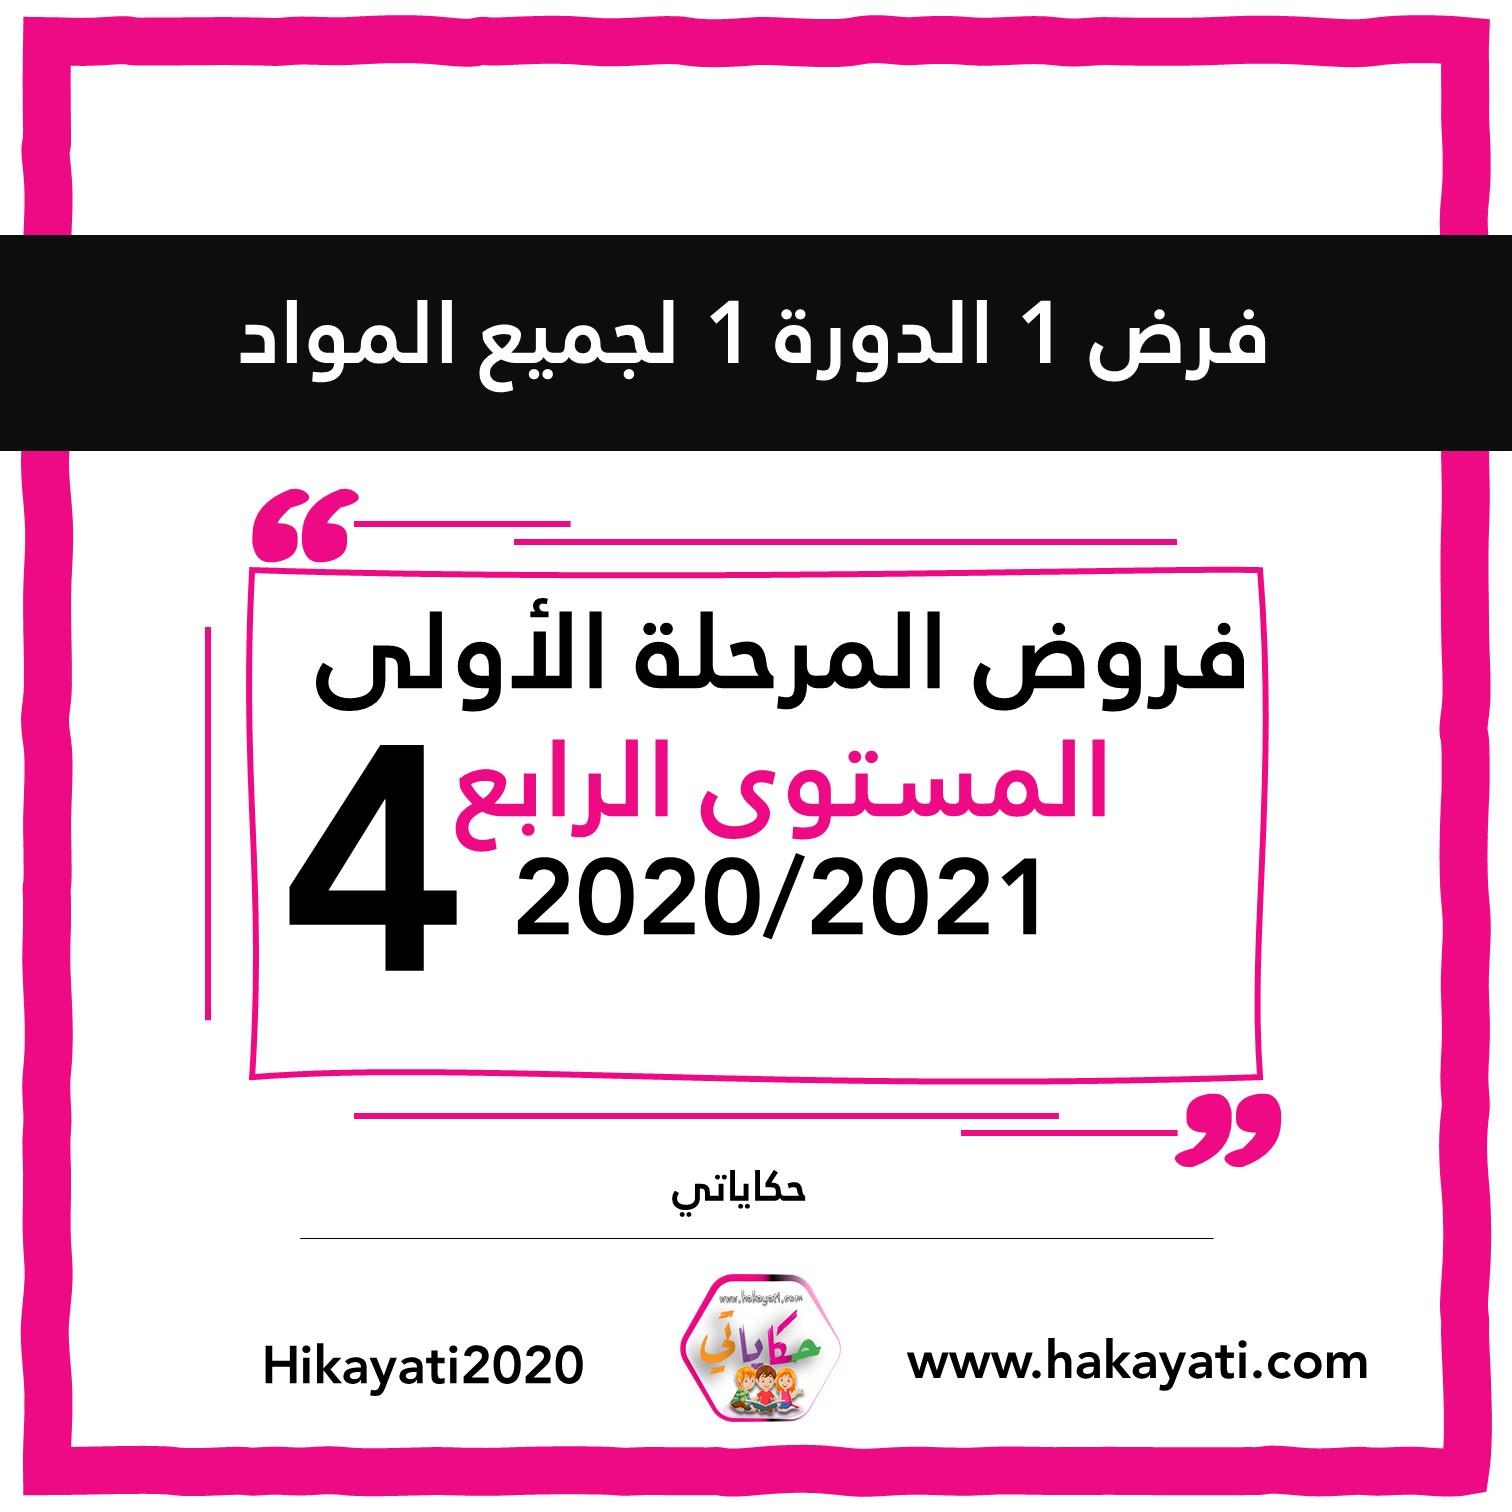 الفرض الأول 1 من الدورة الأولى 1 لجميع مواد المستوى الرابع وفق المنهاج المنقح 2021-2020